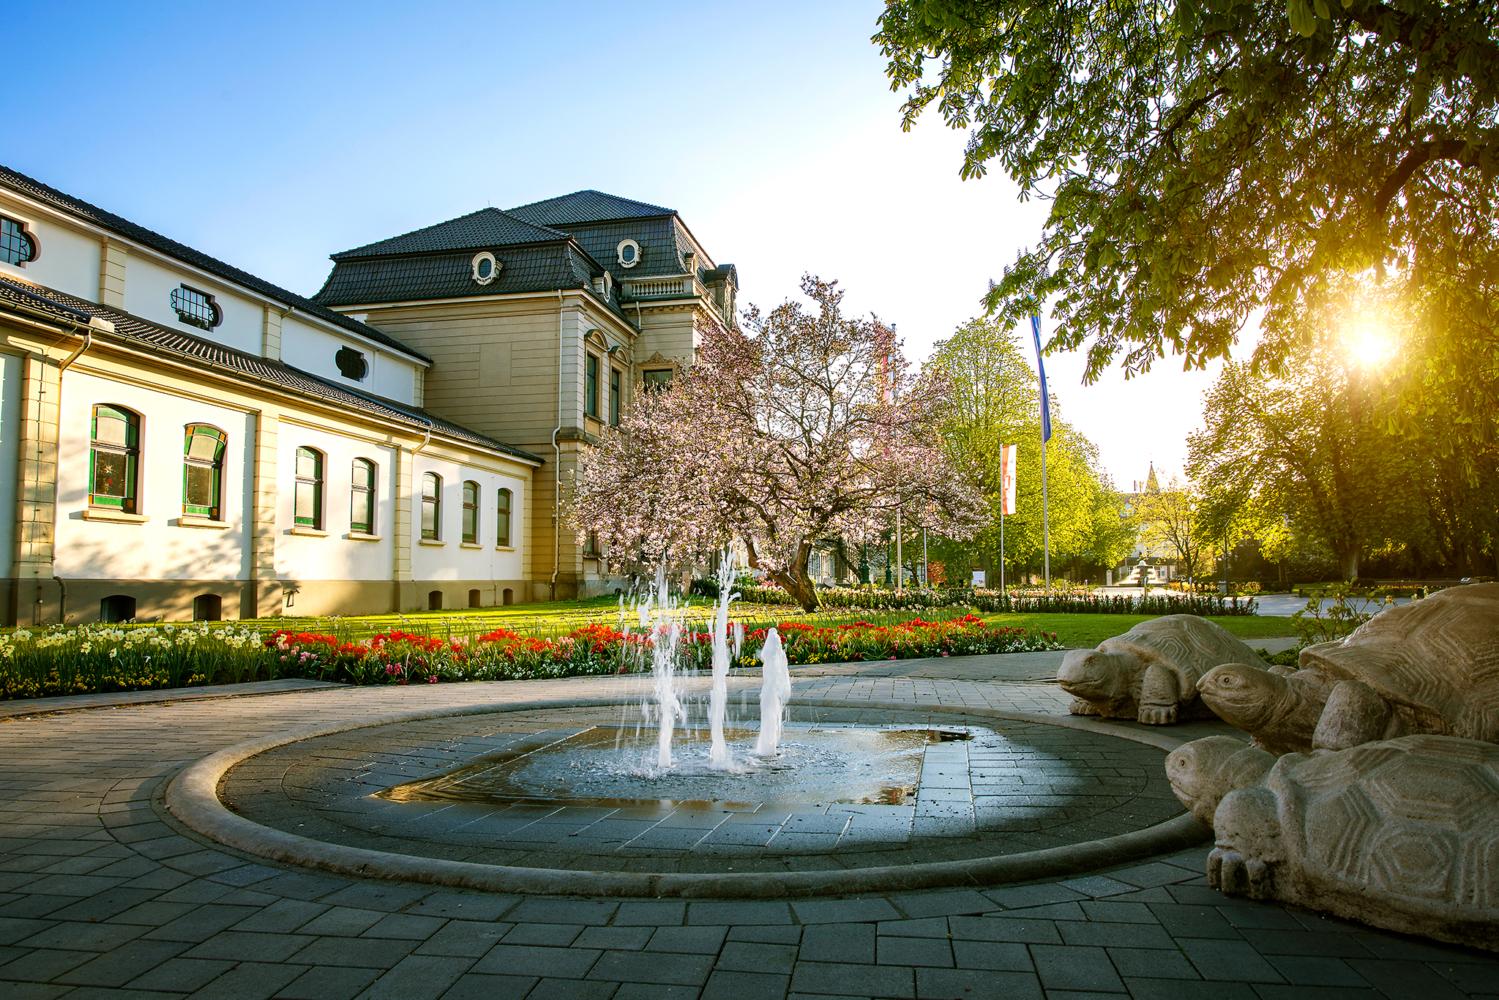 Springbrunnen am Kurmittelhaus